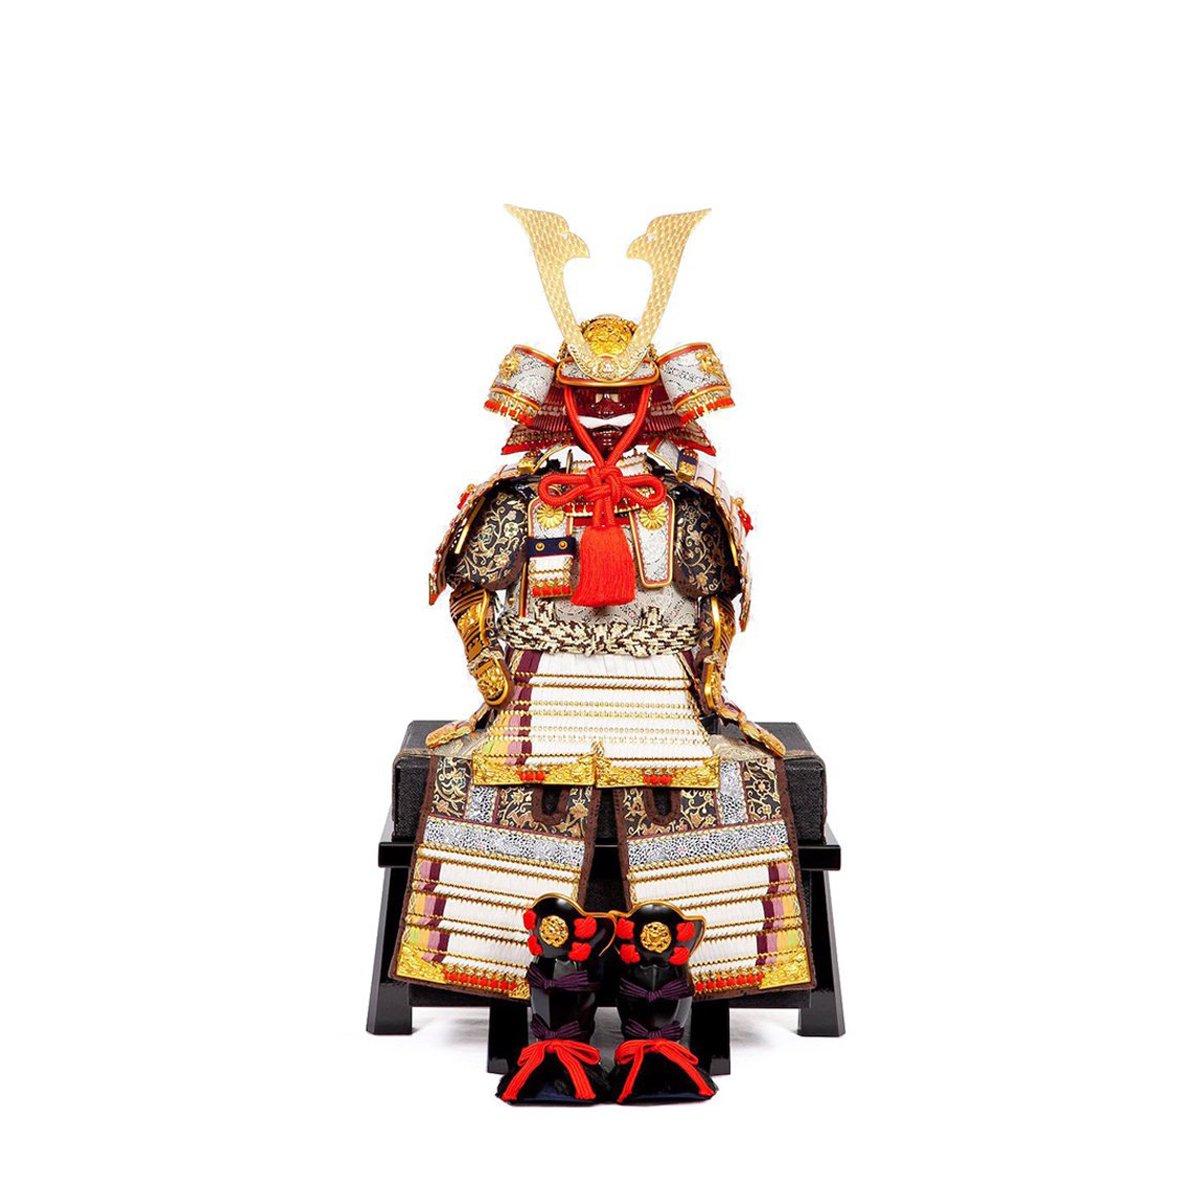 鎧飾り単品 7号 白糸威褄取大鎧 鈴甲子雄山作